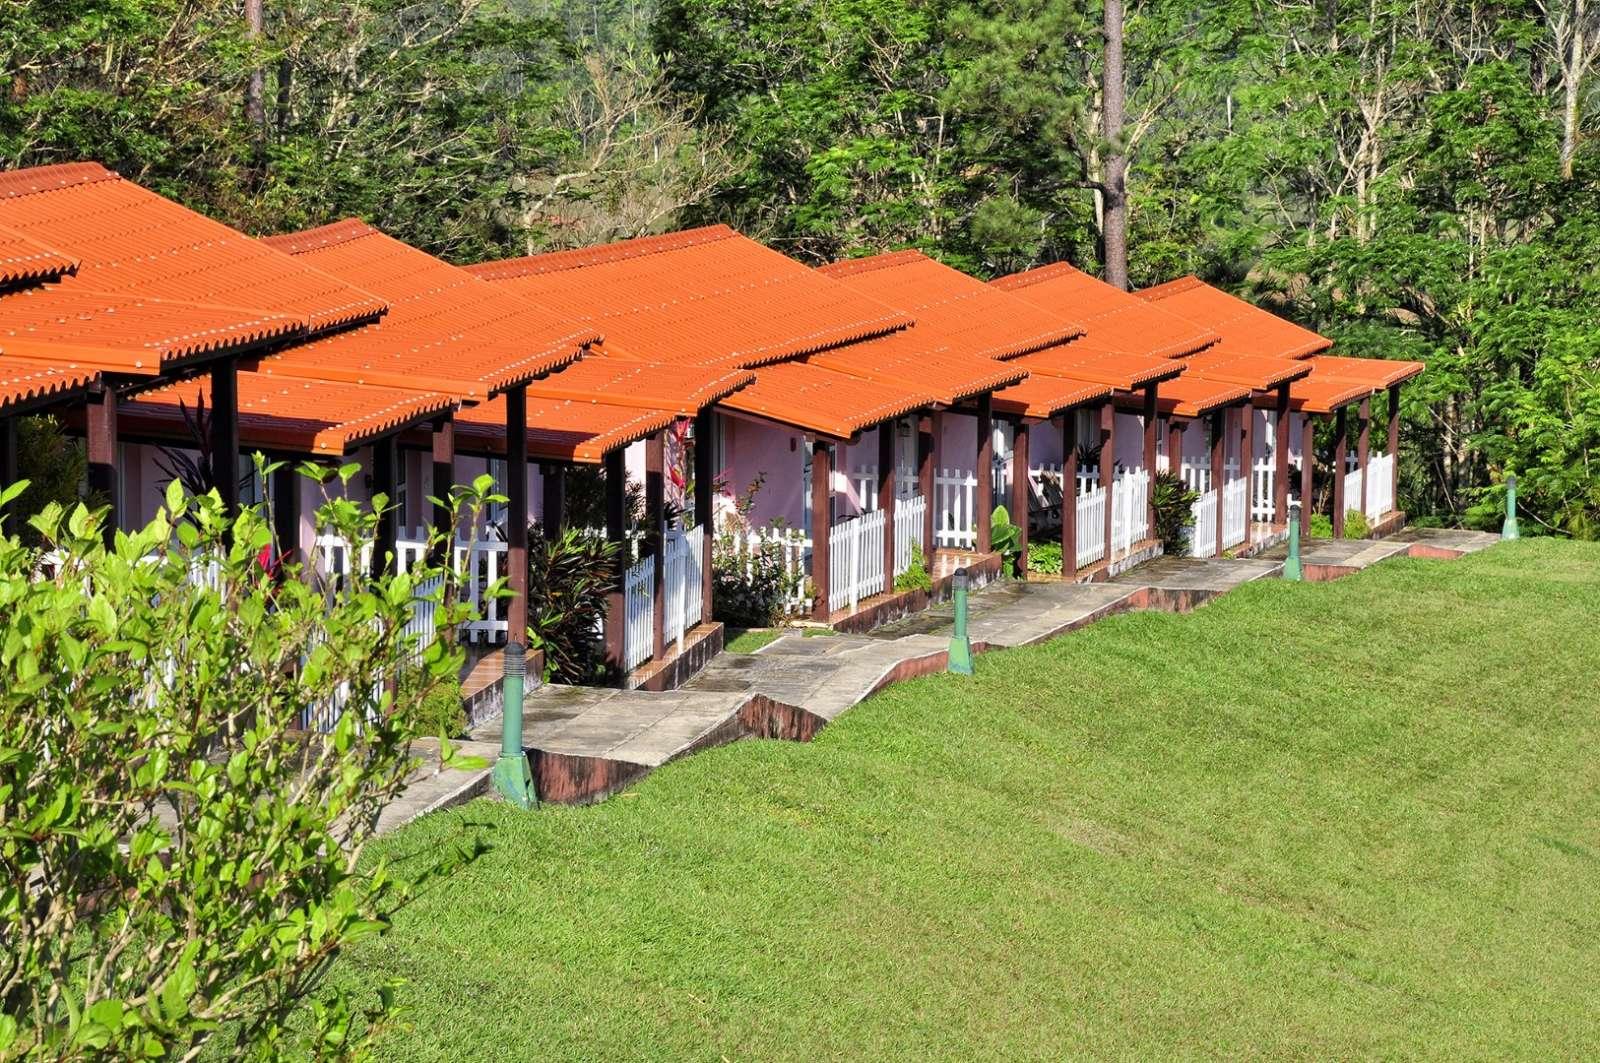 Cabanas at Hotel Los Jazmines in Vinales, Cuba